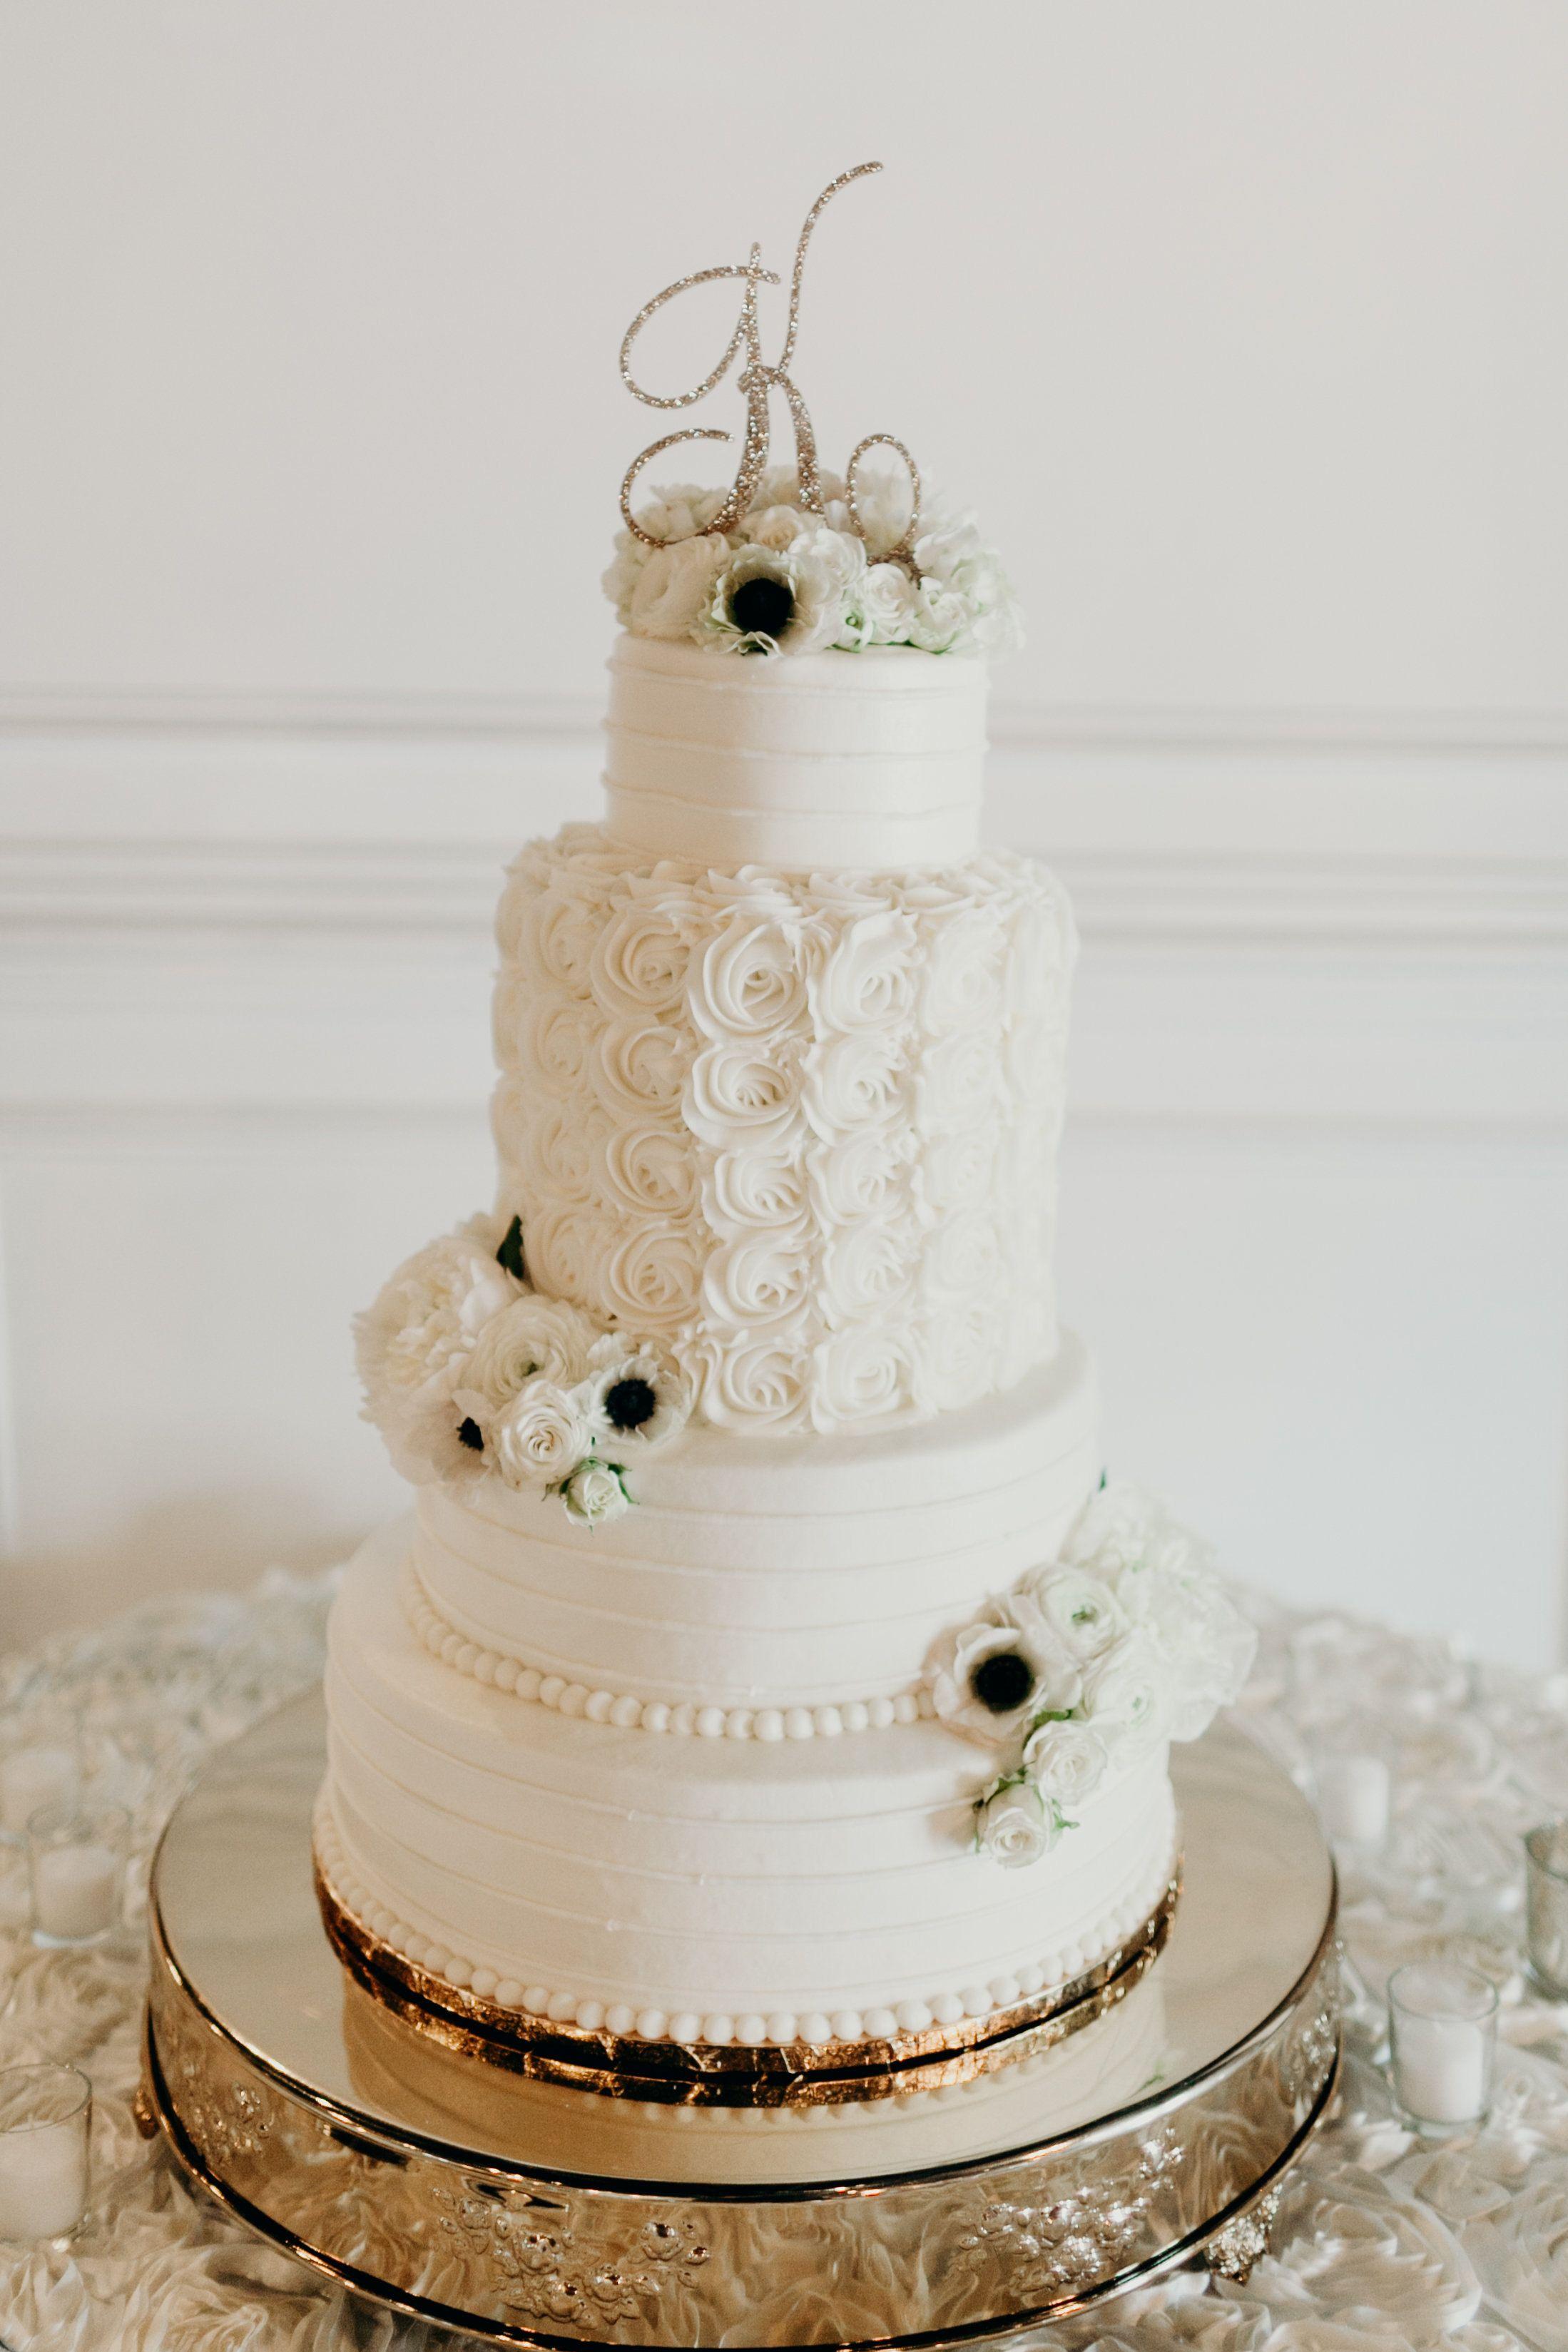 Monogram Letter Wedding Cake Topper in Gold Glitter   Handmade ...